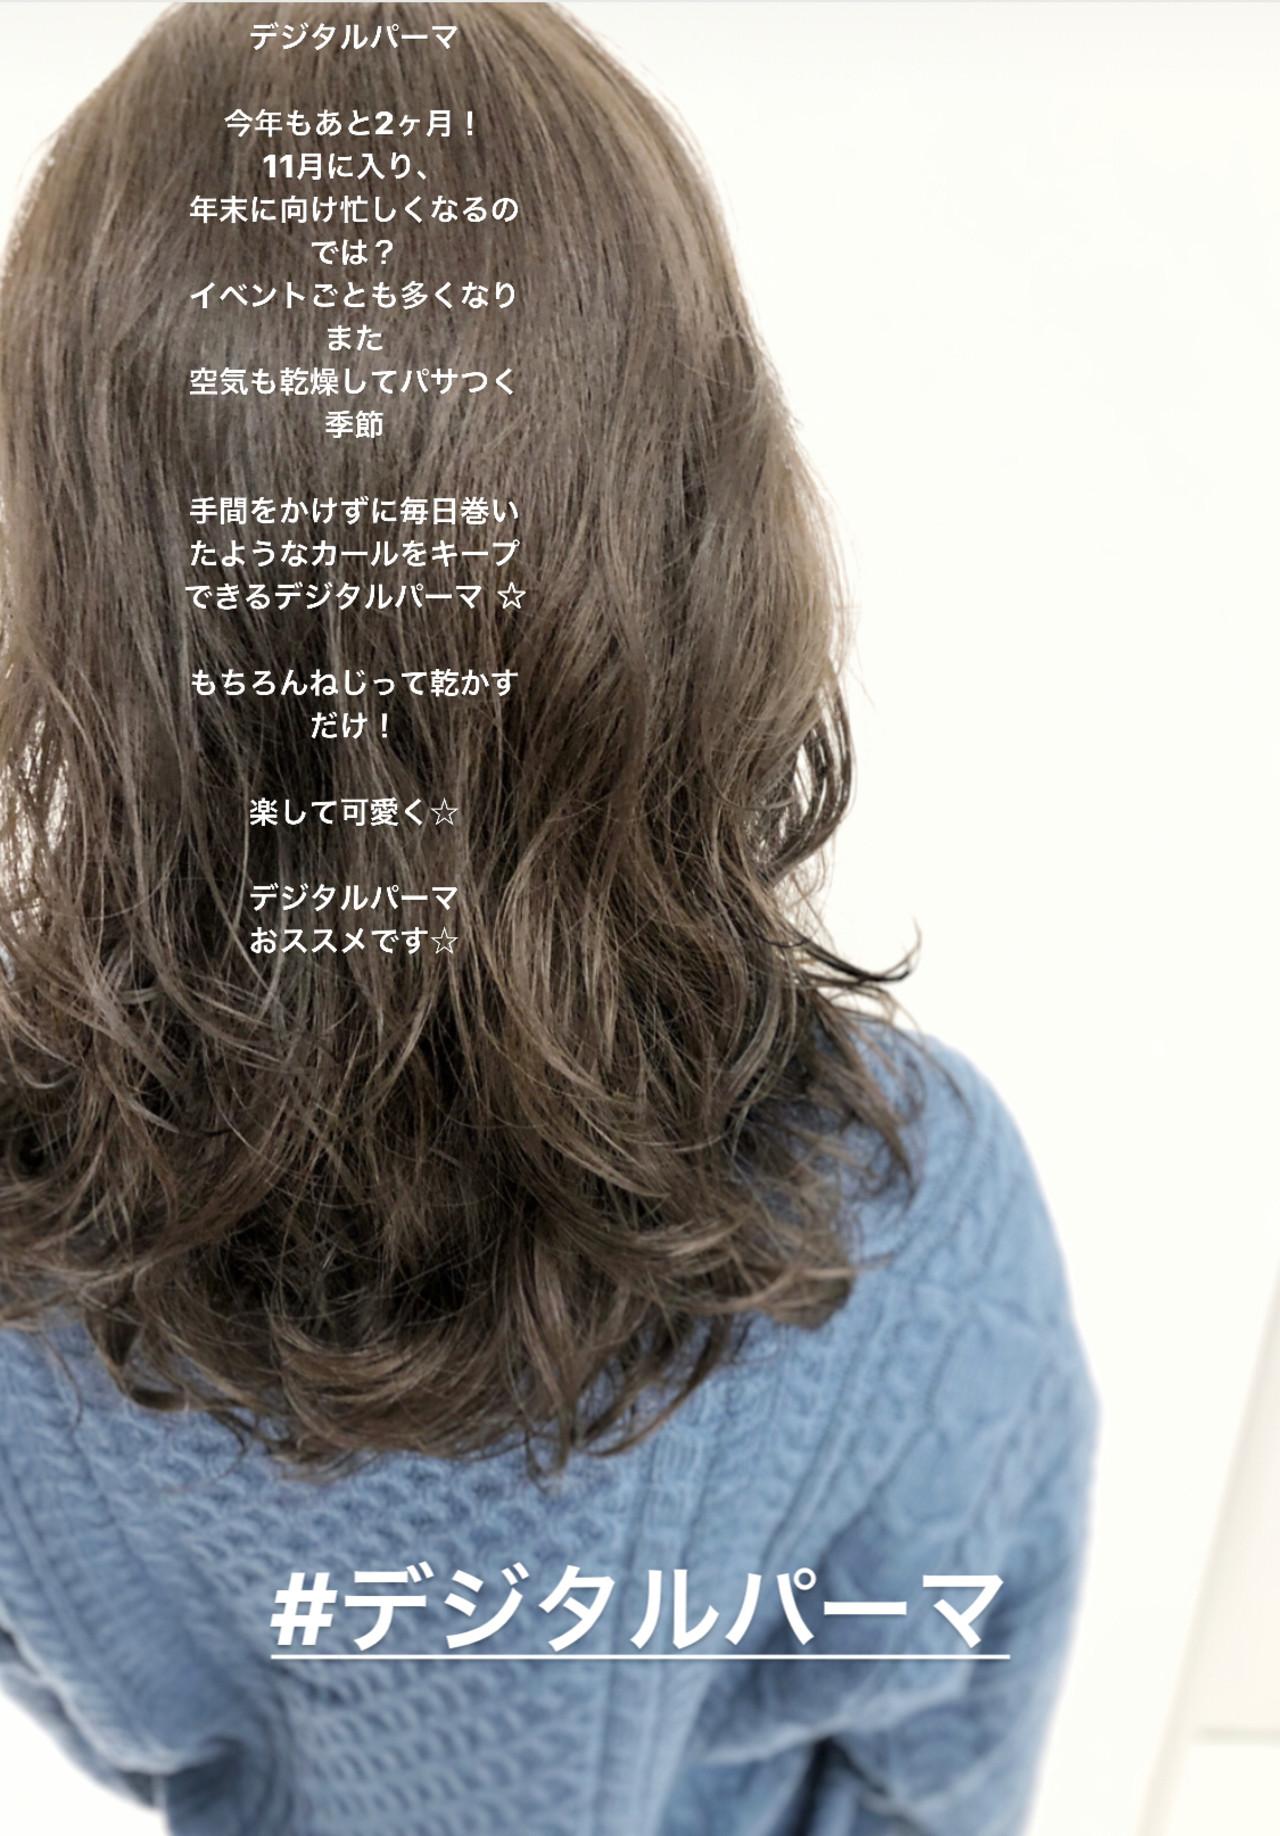 ナチュラル グレージュ セミロング デジタルパーマ ヘアスタイルや髪型の写真・画像